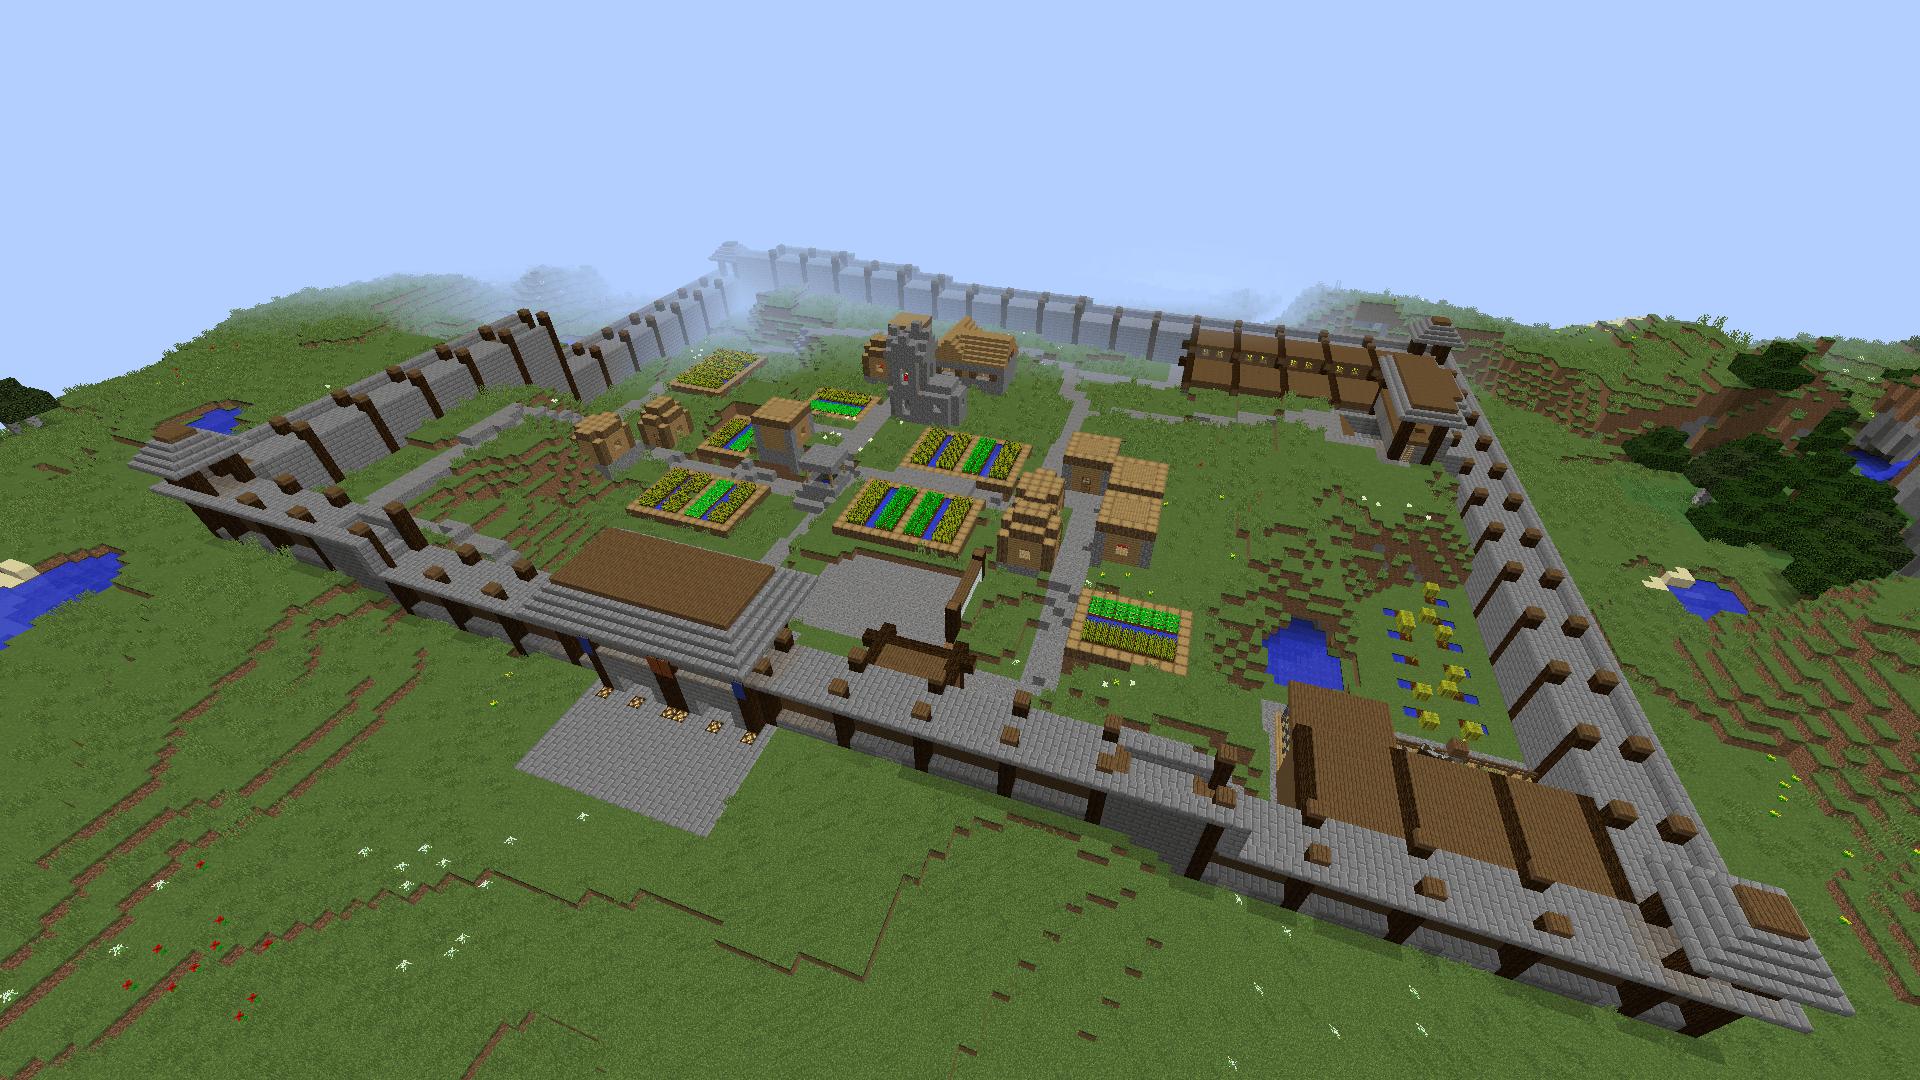 ᐅ Neuzeitliches Dorf Mit Mauer In Minecraft Bauen Minecraft